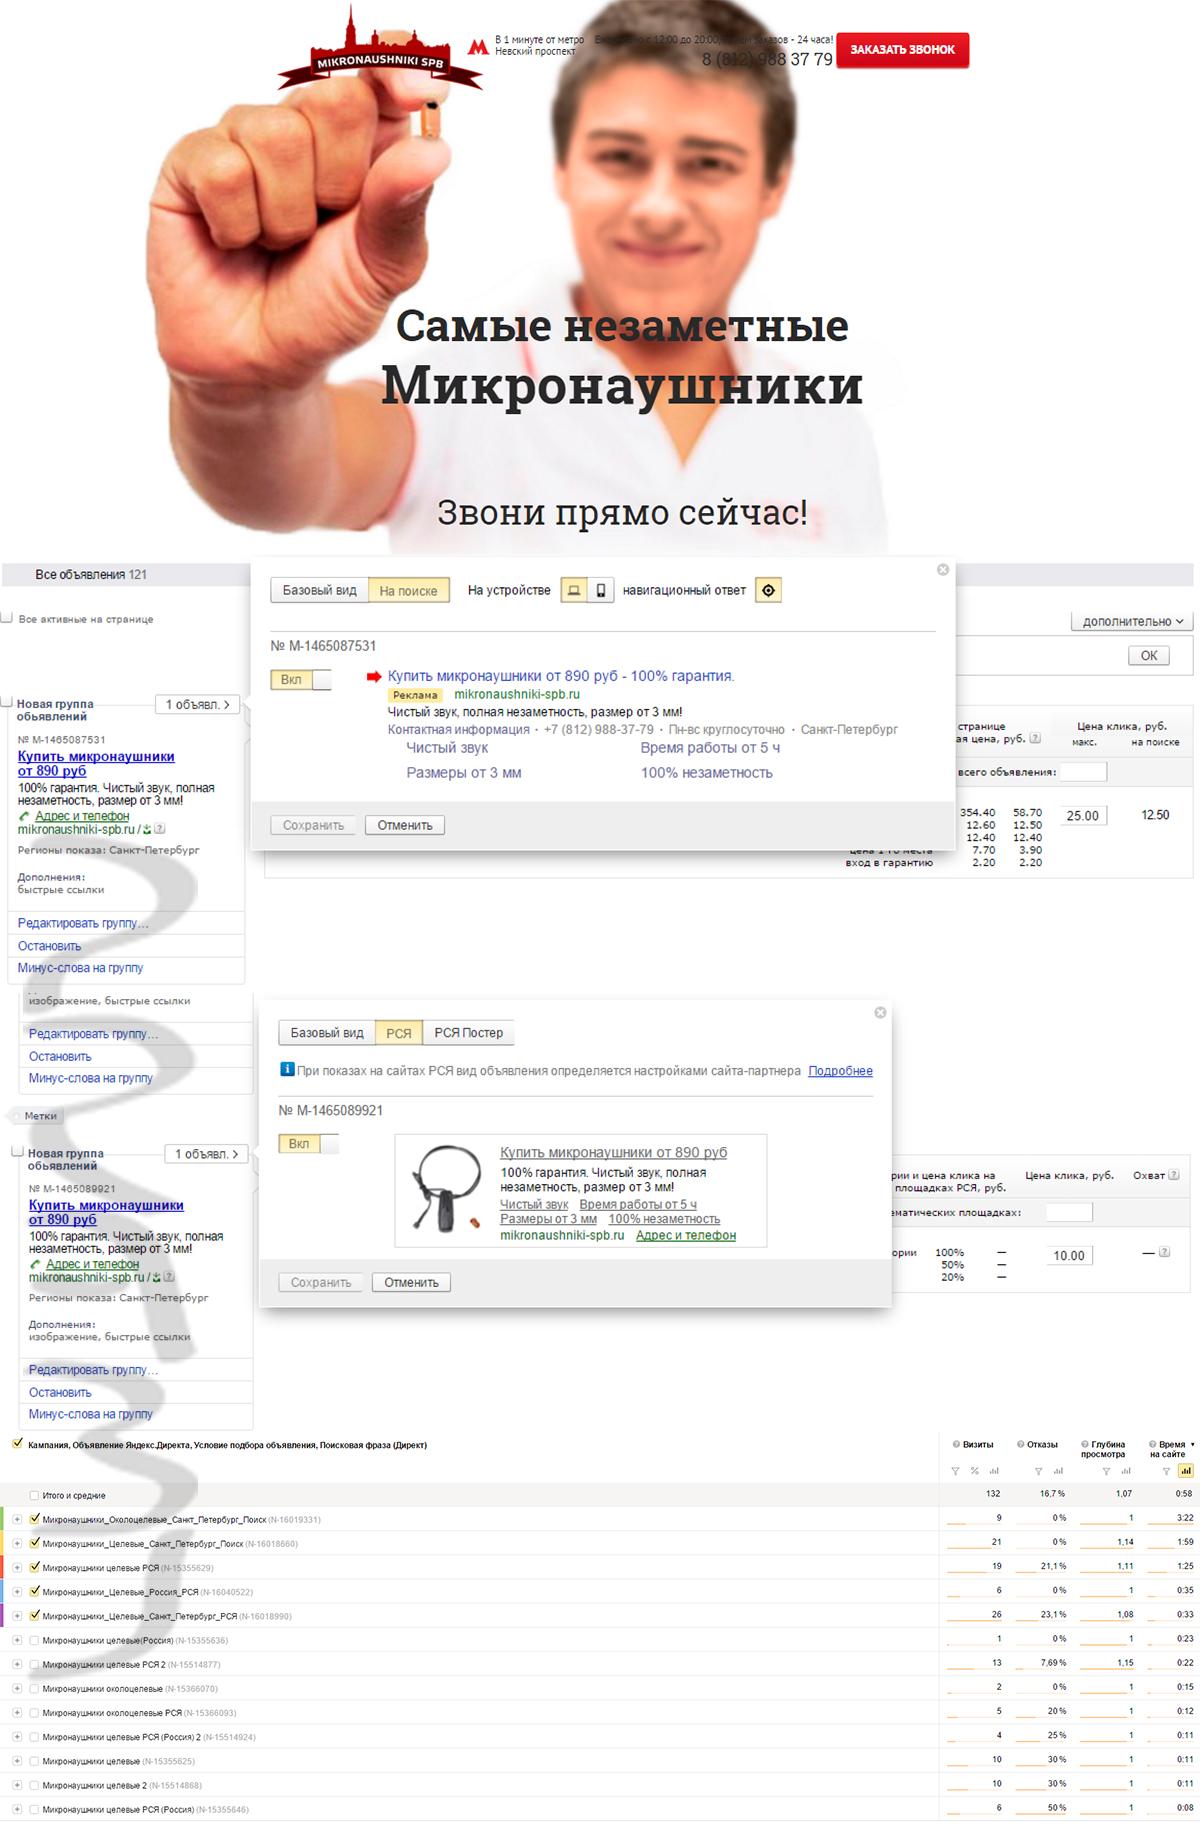 Яндекс Директ   Санкт-Петербург   Микронаушники   Интернет-магазин